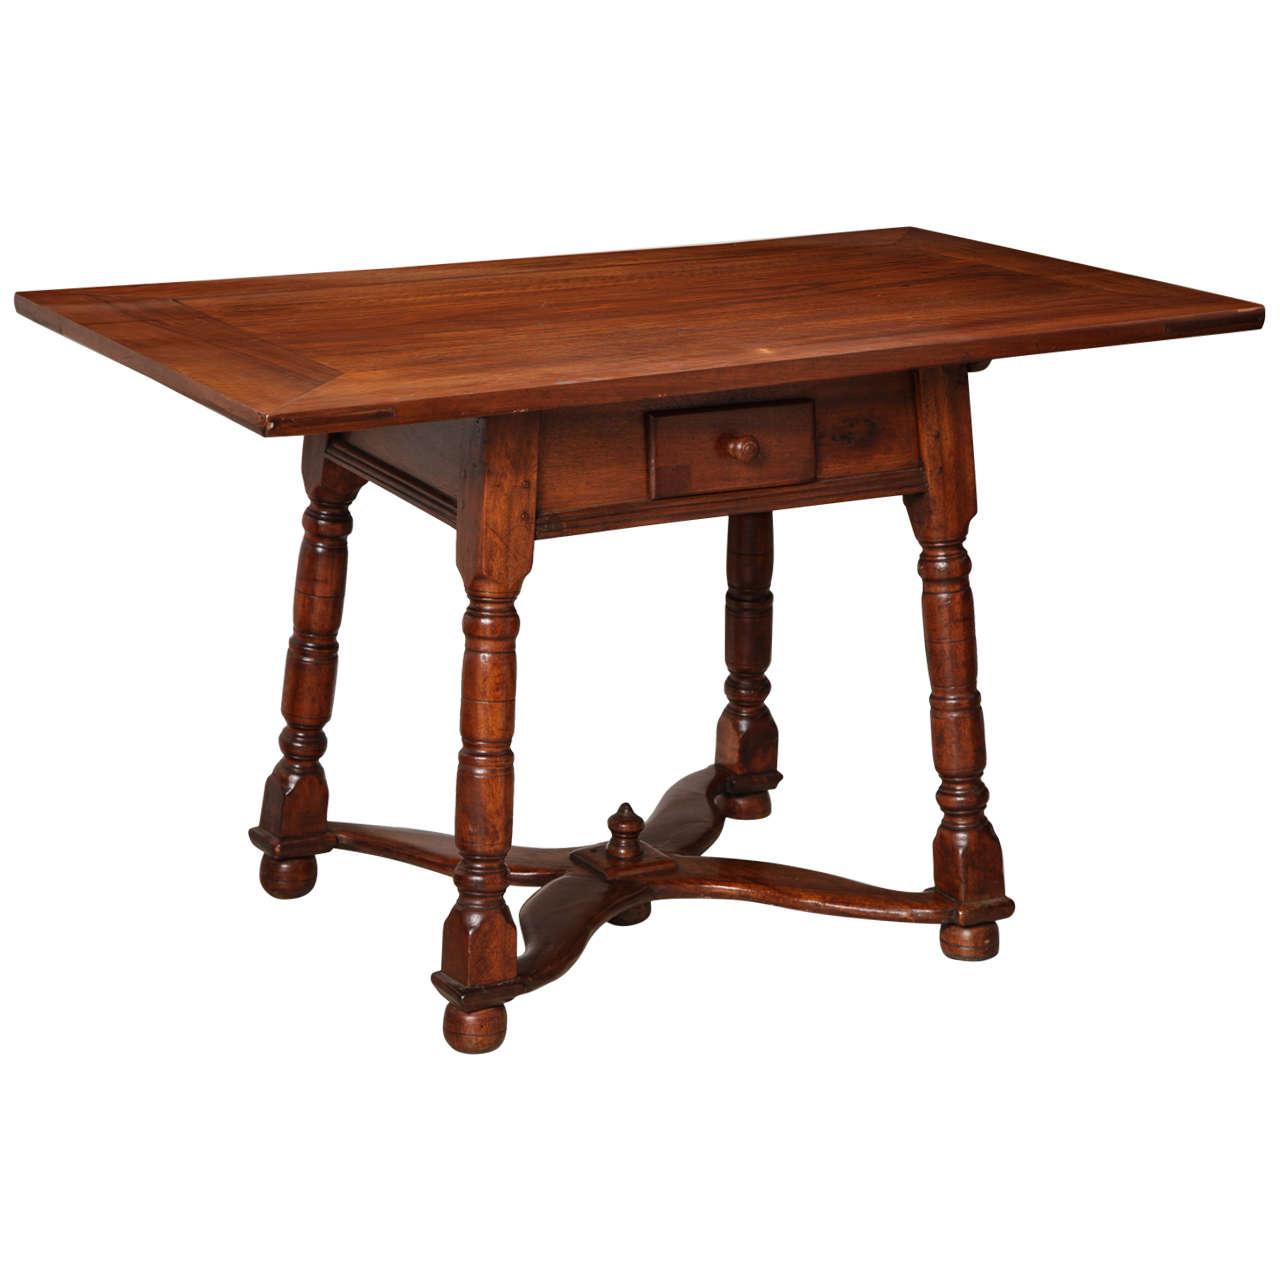 19th Century Mahogany Centre Table